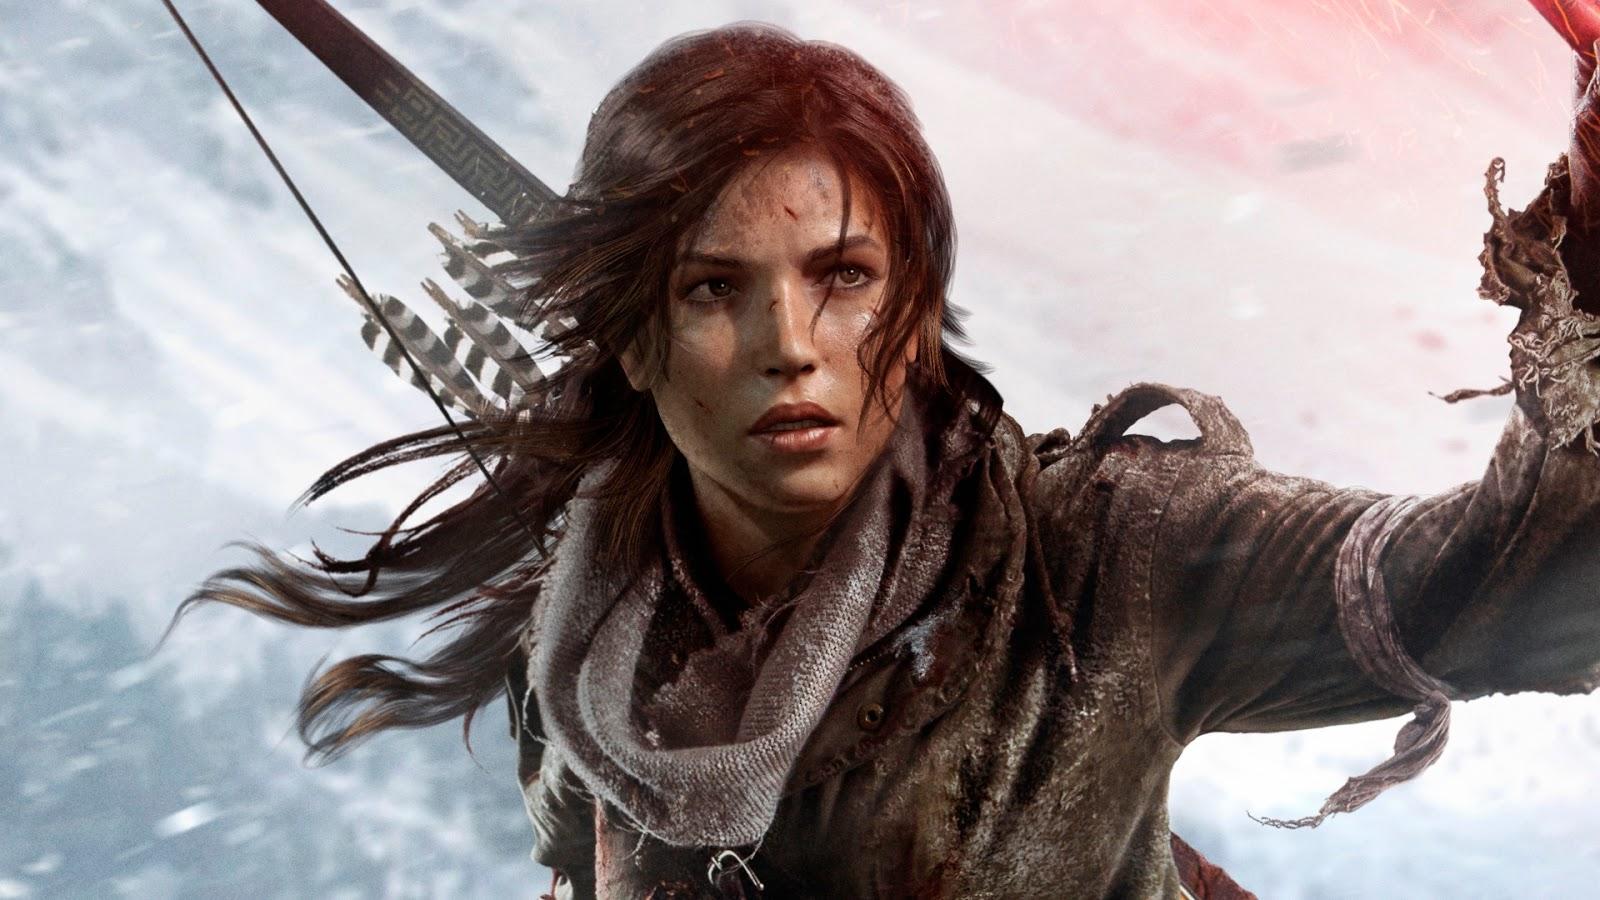 تحلیل فنی   بررسی دقیق نسخه ایکسباکسوانایکس Rise of the Tomb Raider